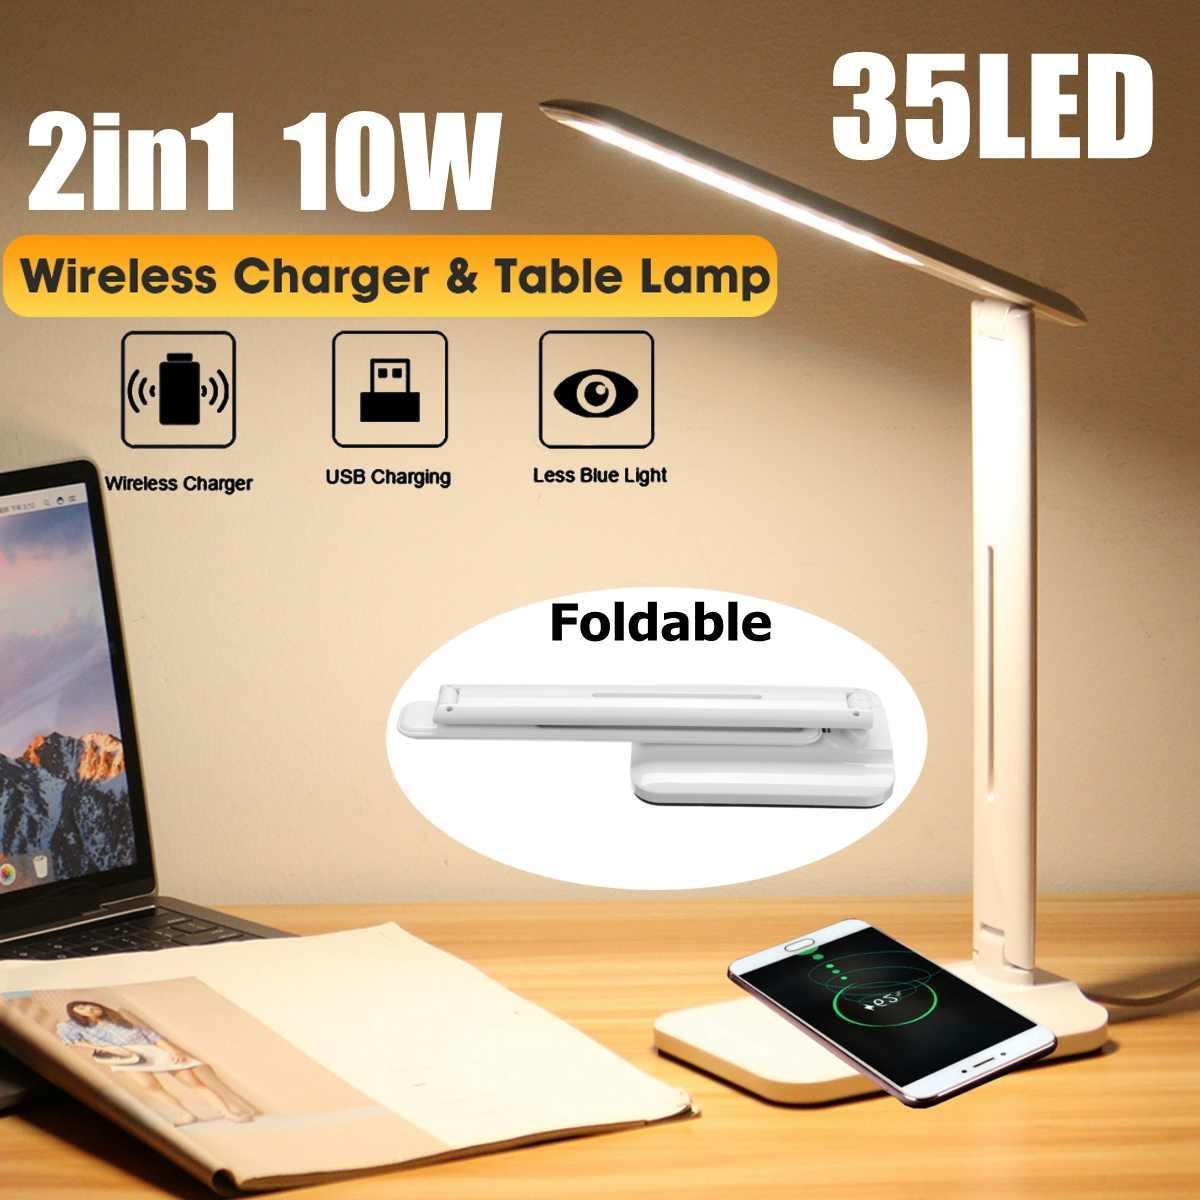 LED Настольная лампа 10Вт 2 в 1 Многофункциональных настройках Настольной лампы домашнего освещения быстрой зарядки Wireless Charger 10W питание Й Wireless